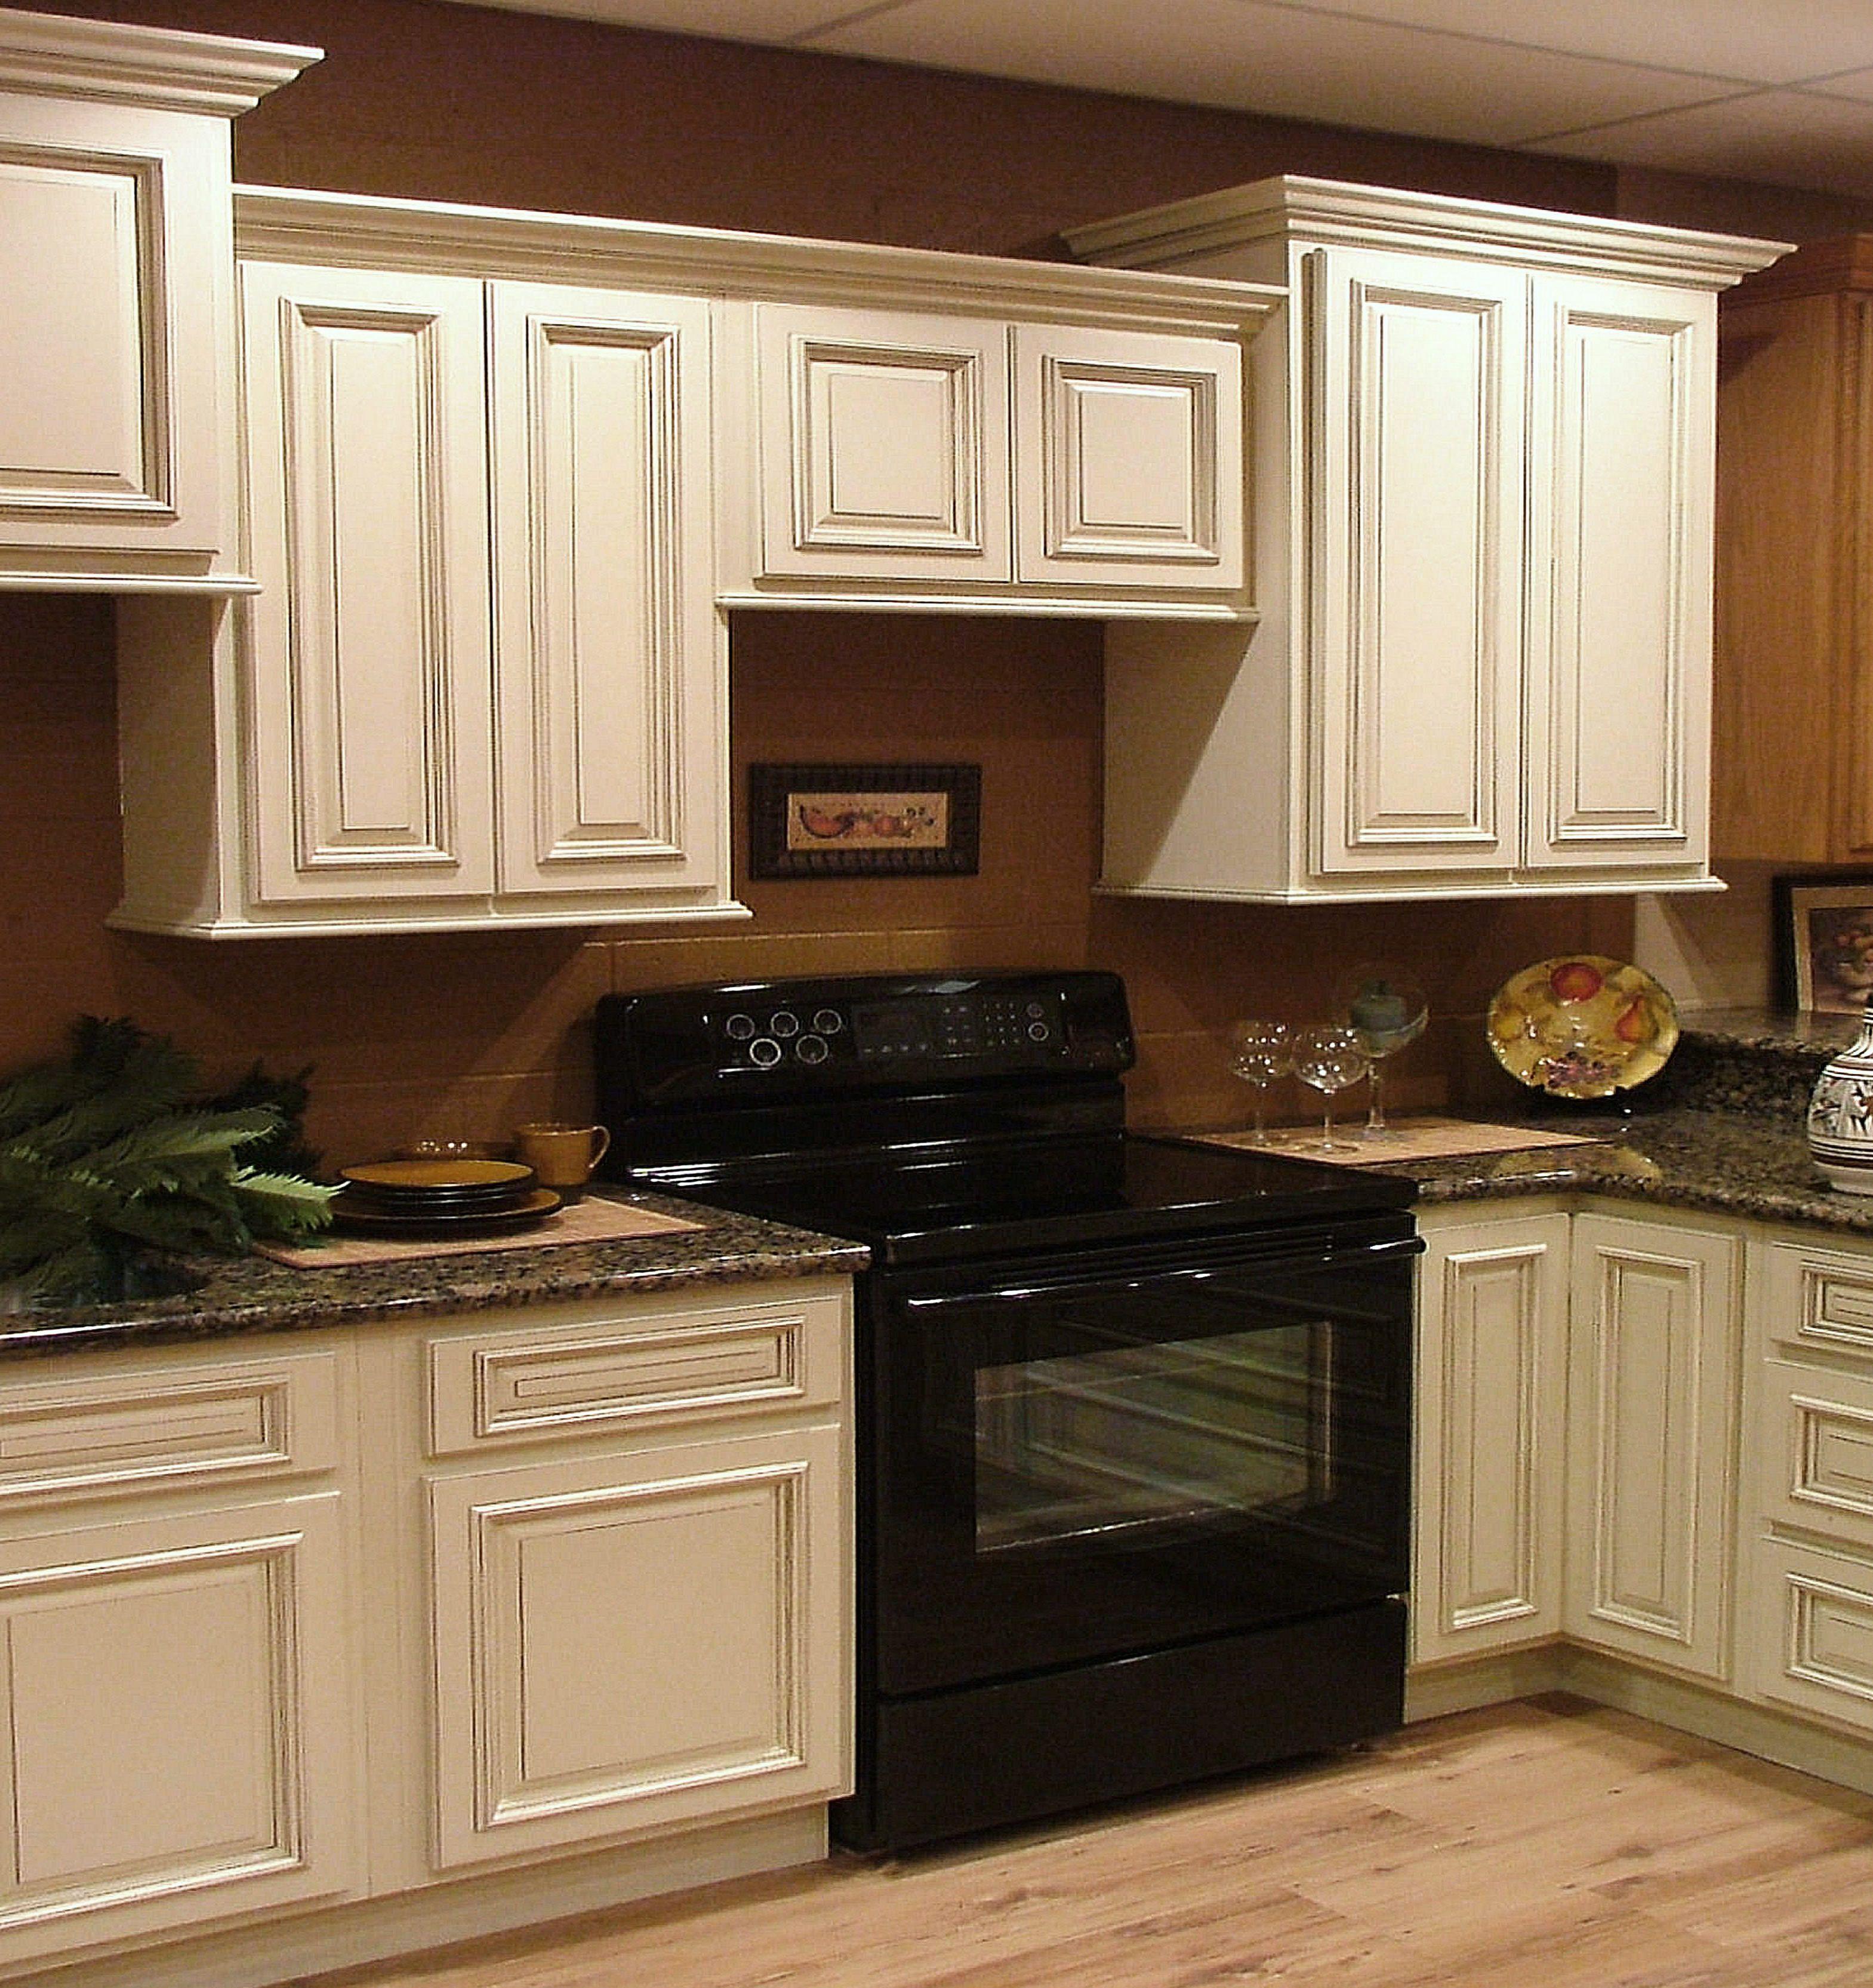 Quarz-küchendesign anmutige farbe schränke weiße küche umgestaltung ideen ist